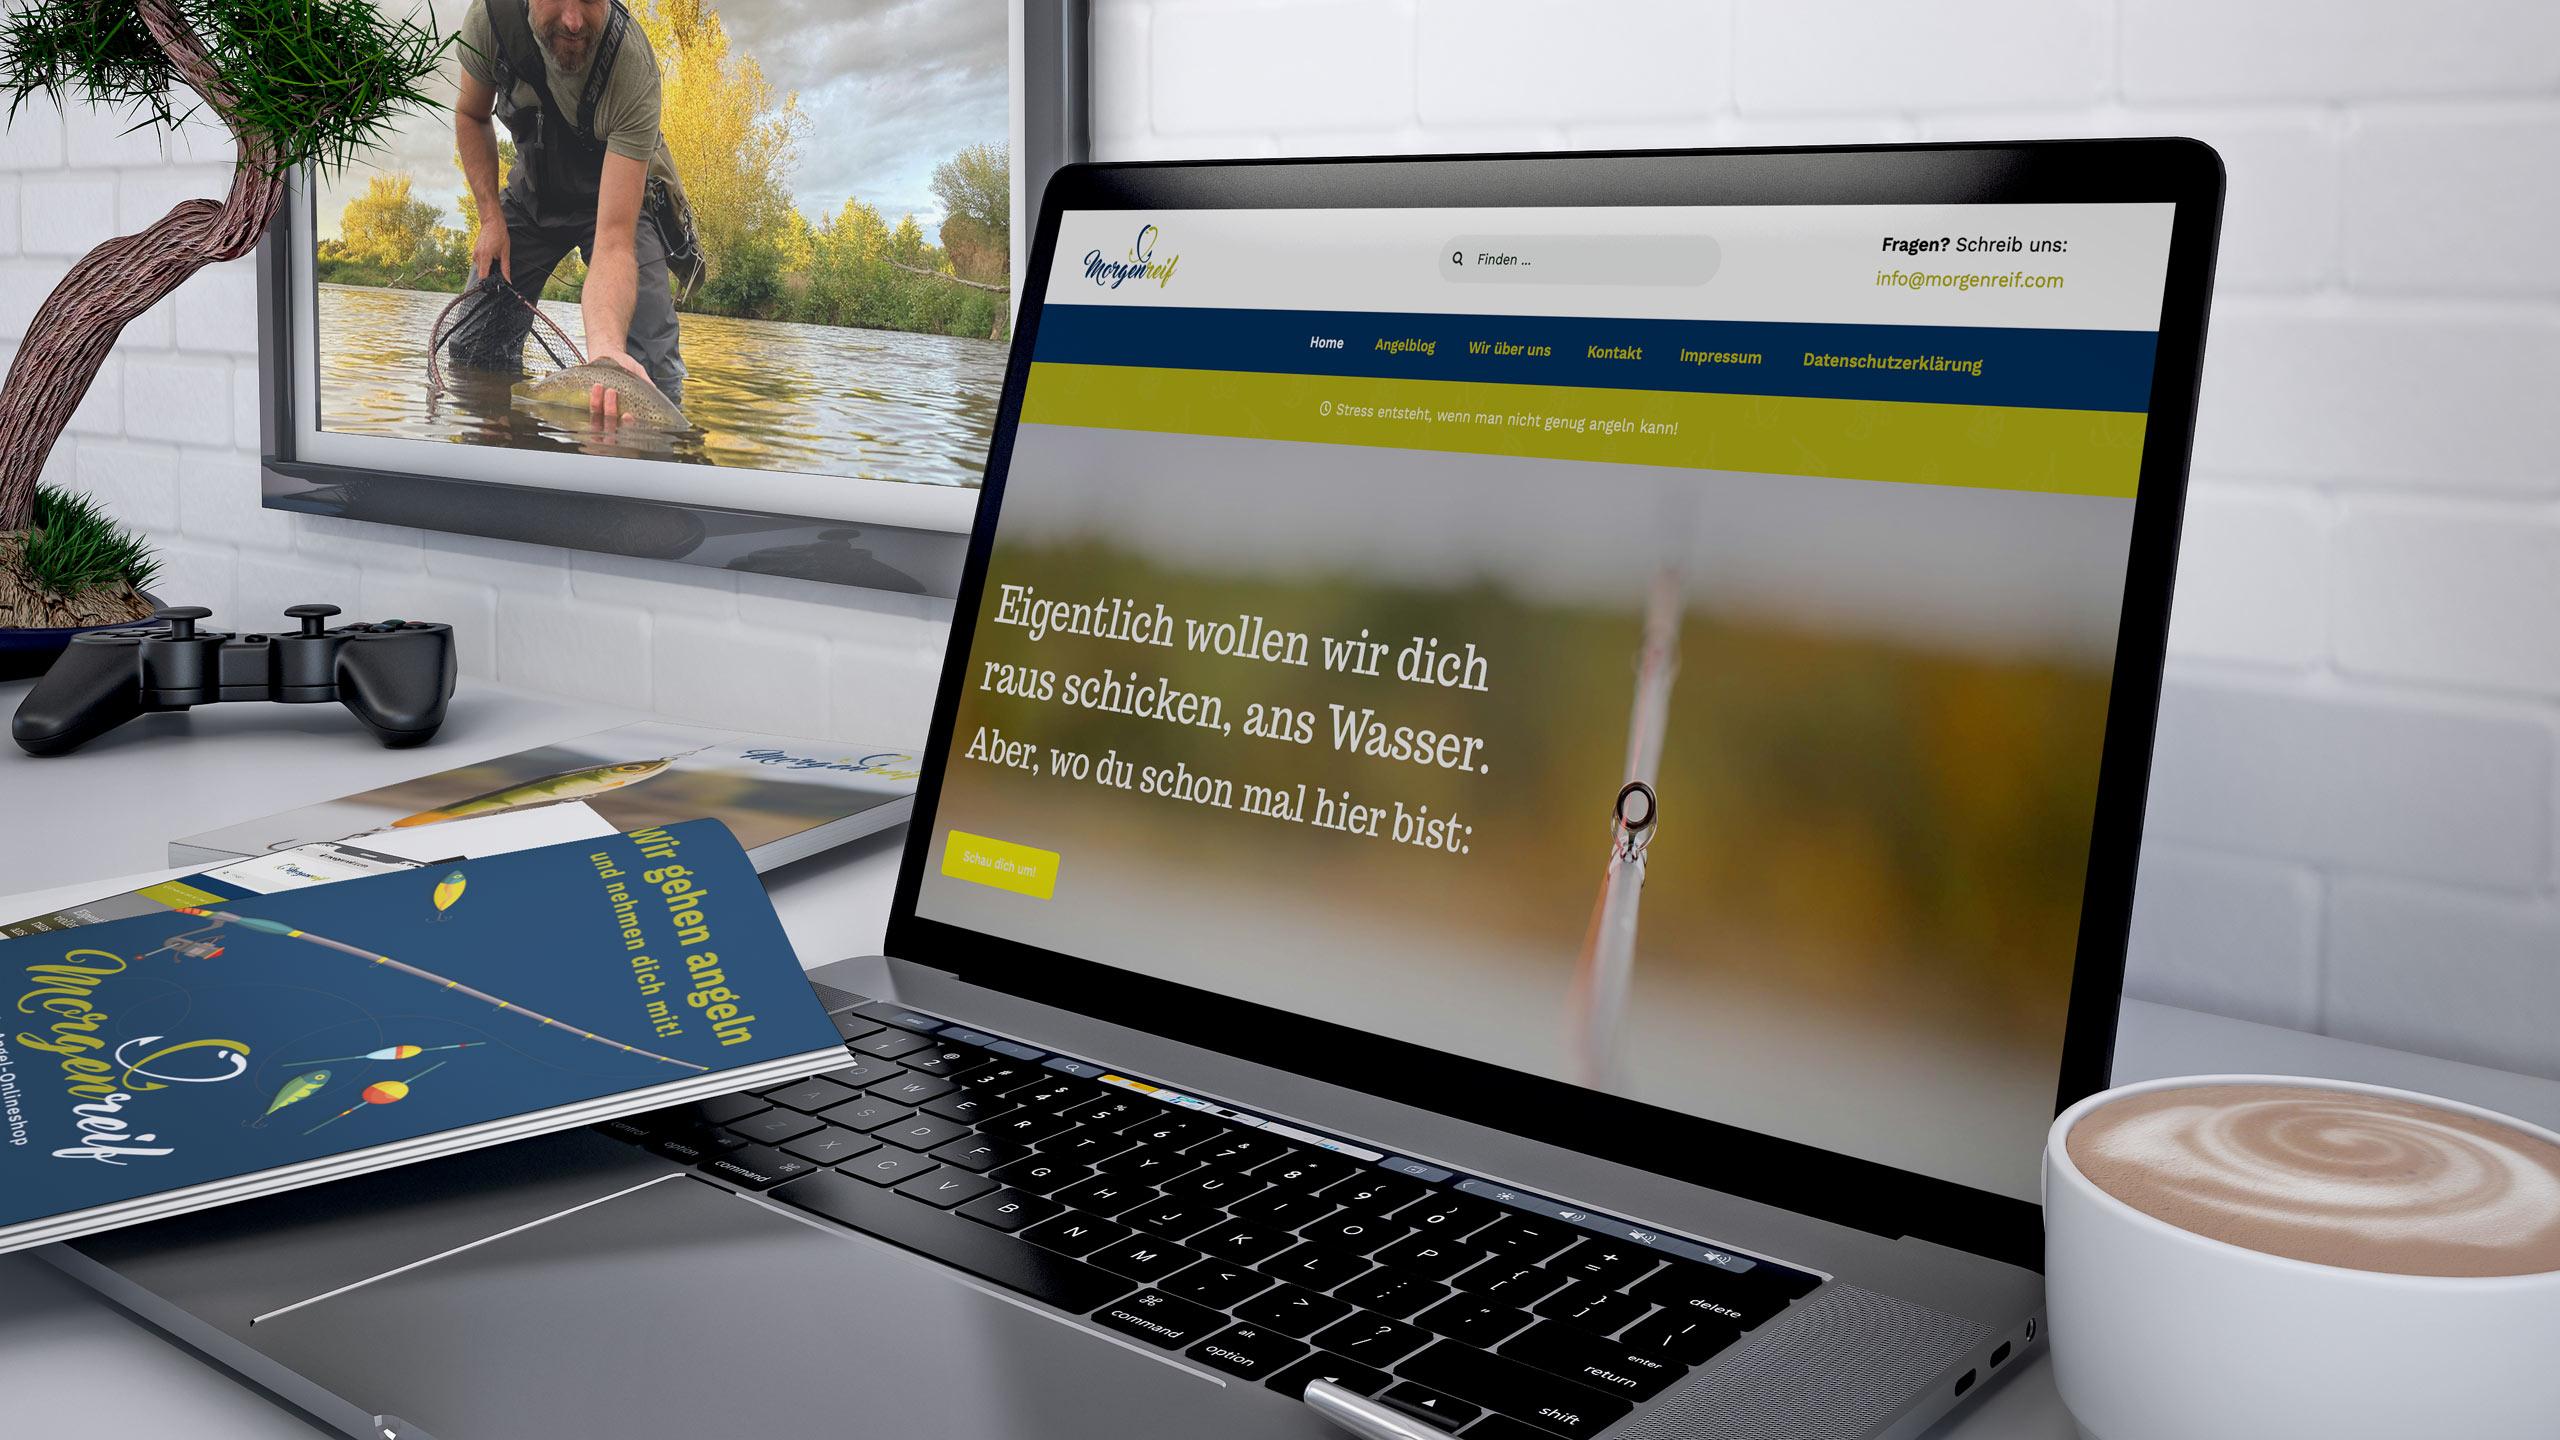 Webdesign Morgenreif - Dein Angelblog